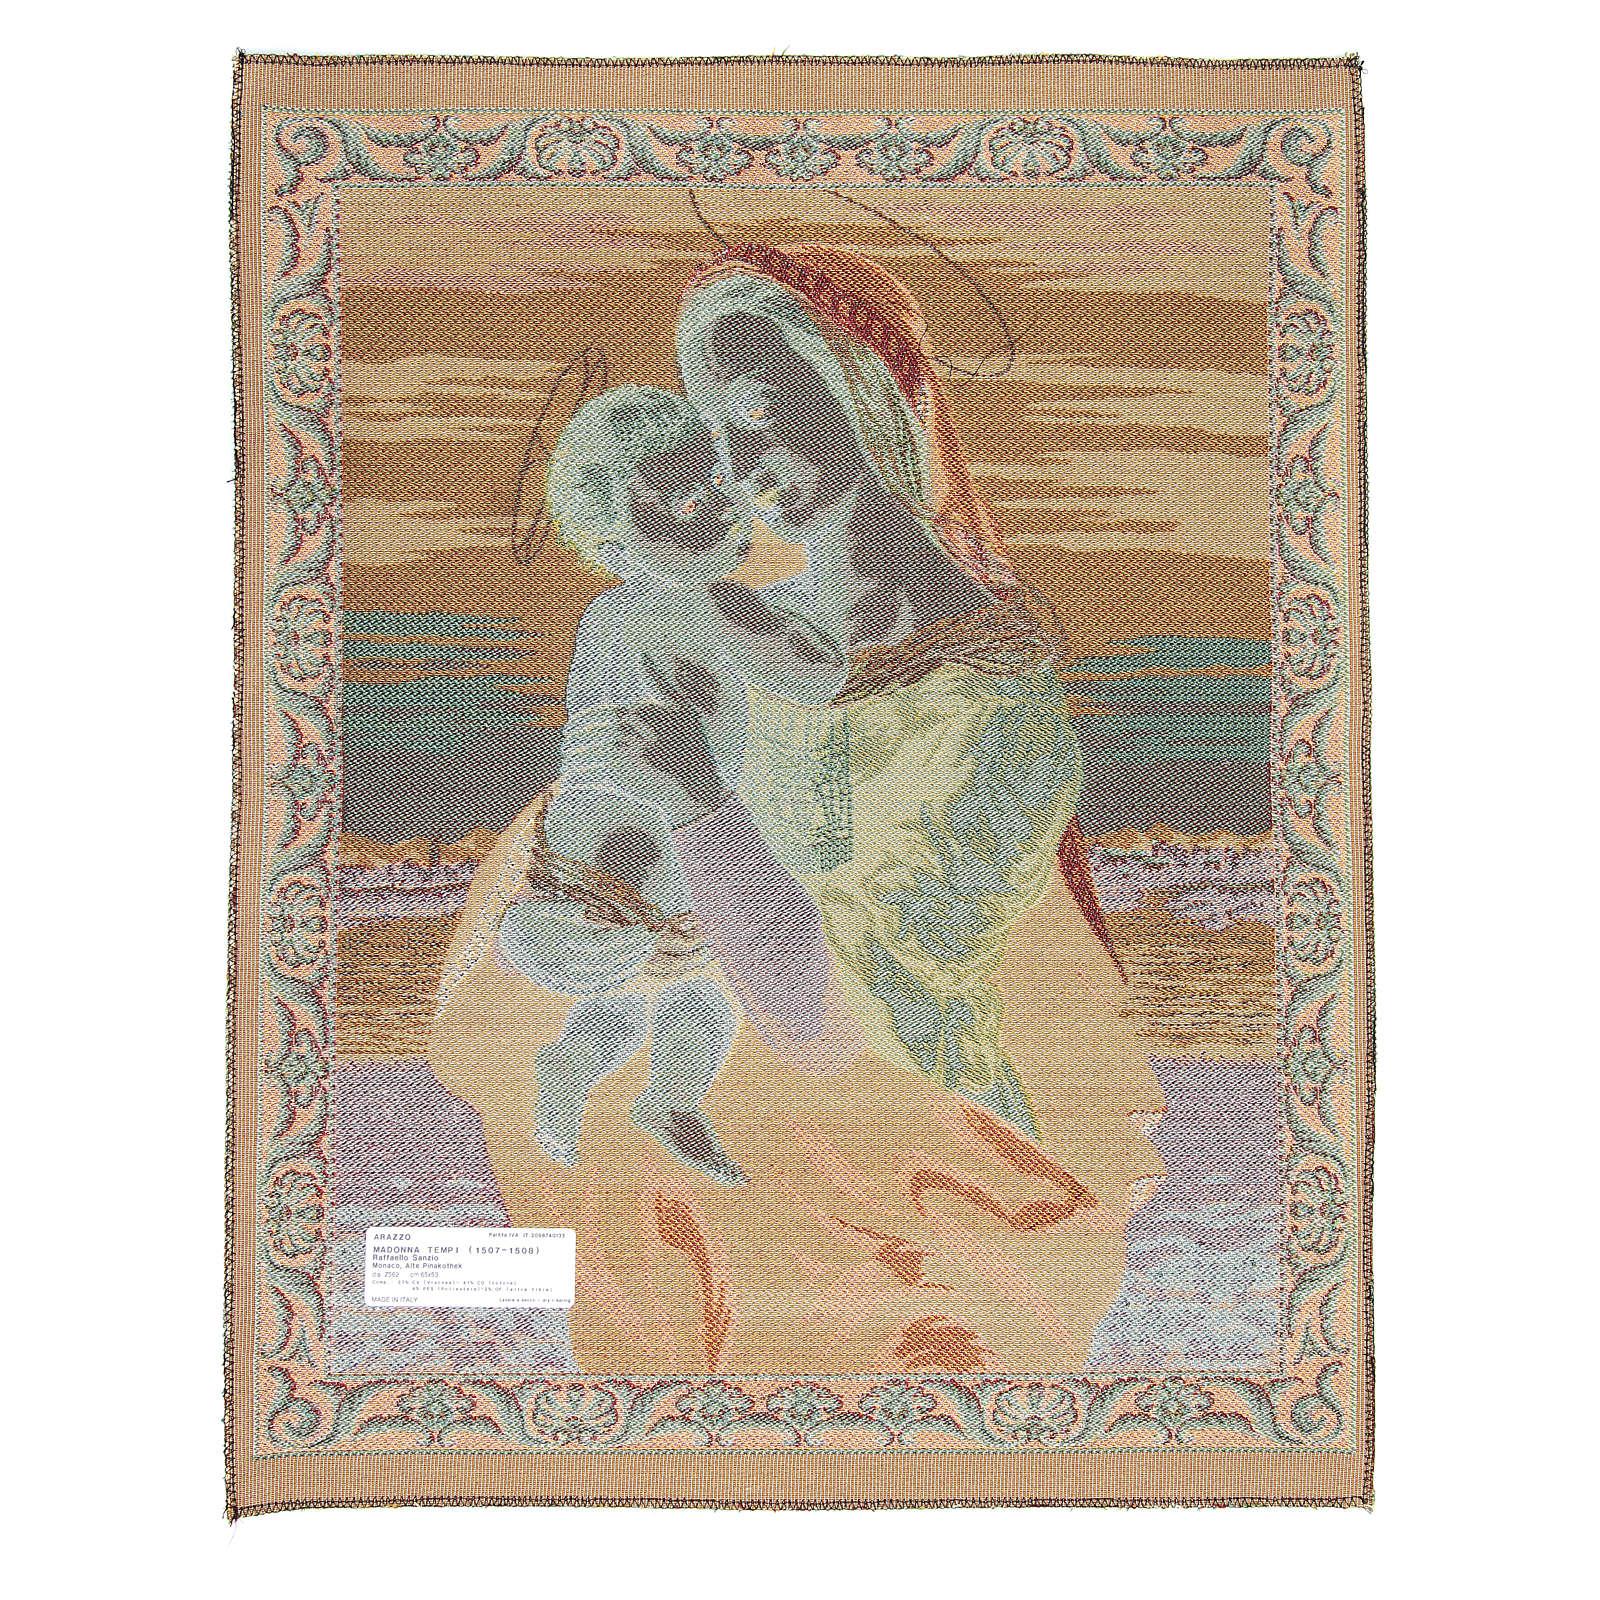 Tapisserie La Vierge Tempi de Raphaël 65x50 cm 3